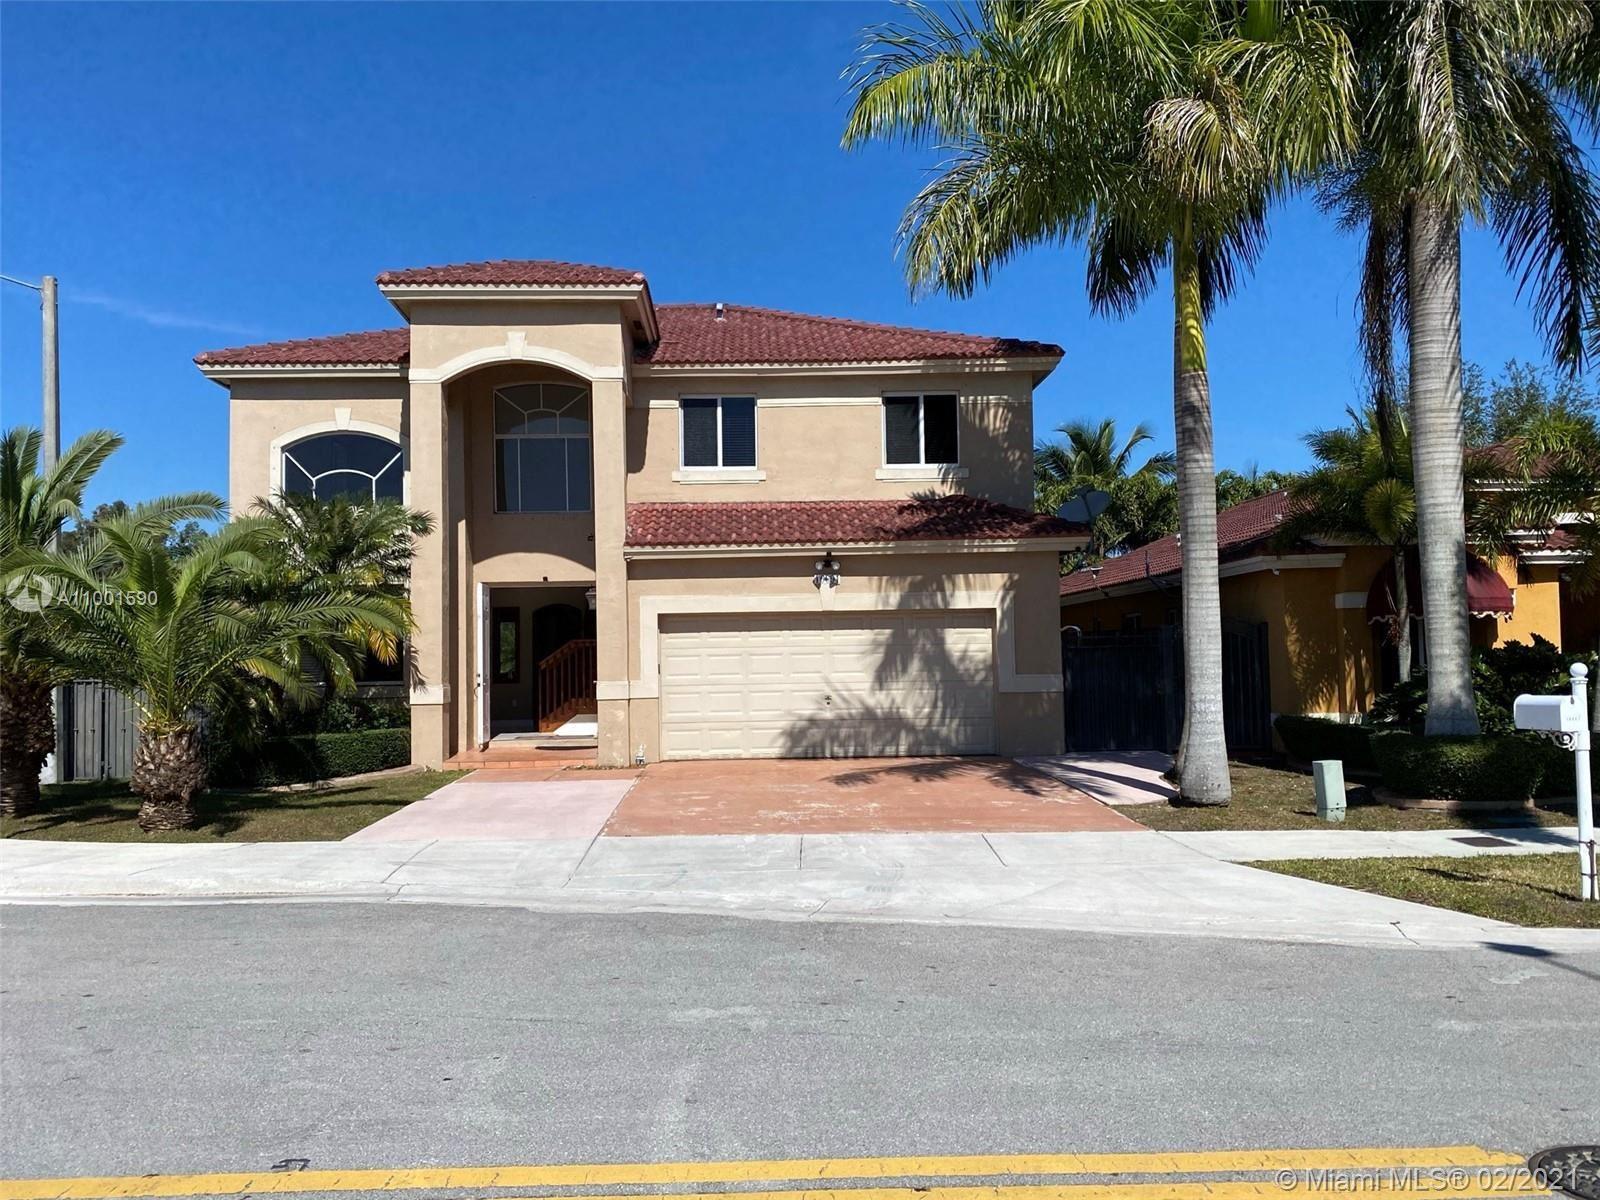 16691 SW 57th St, Miami, FL 33193 - #: A11001590